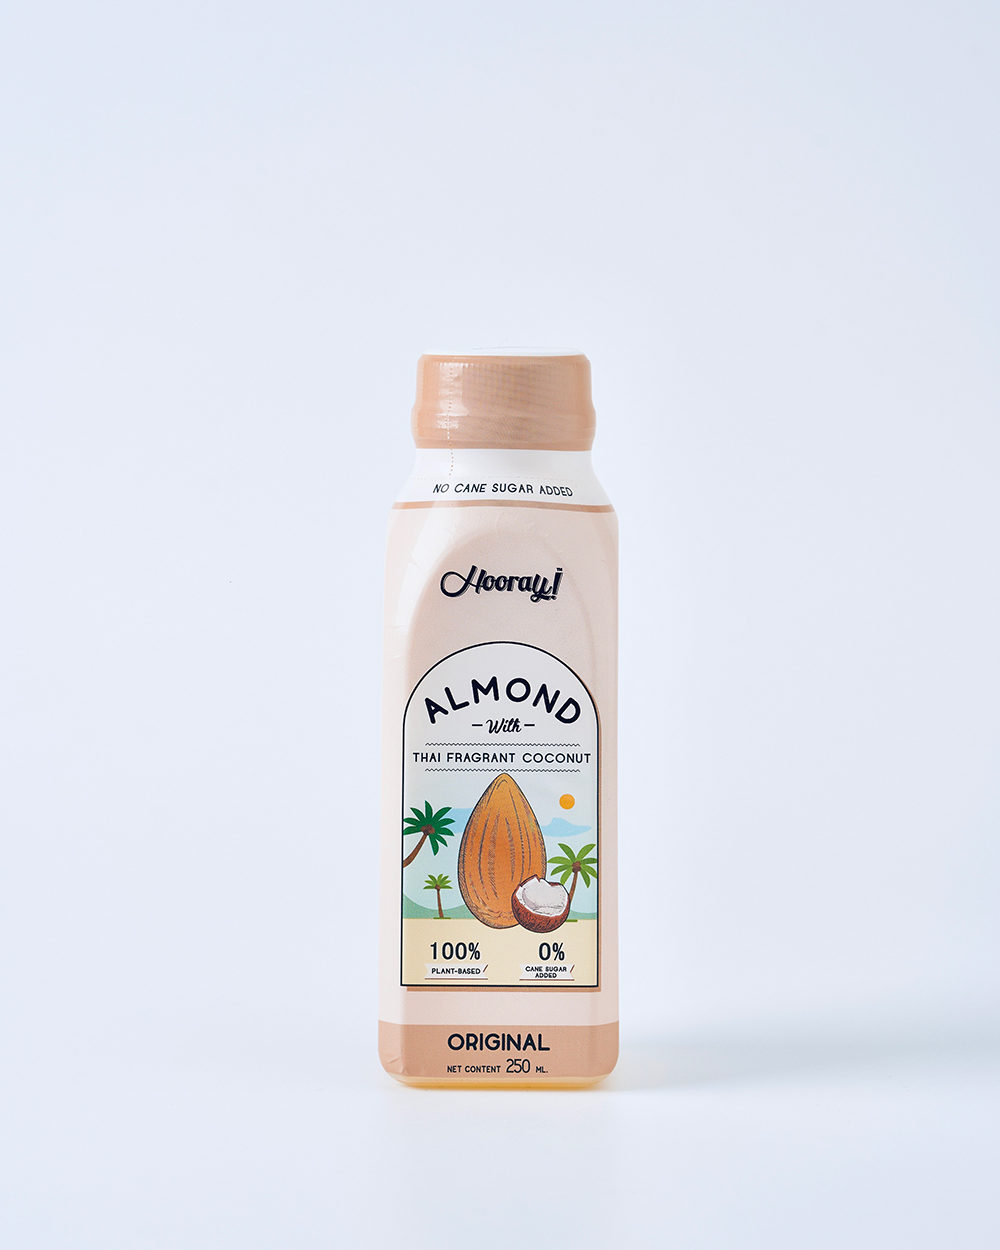 アーモンドミルク タイココナッツ